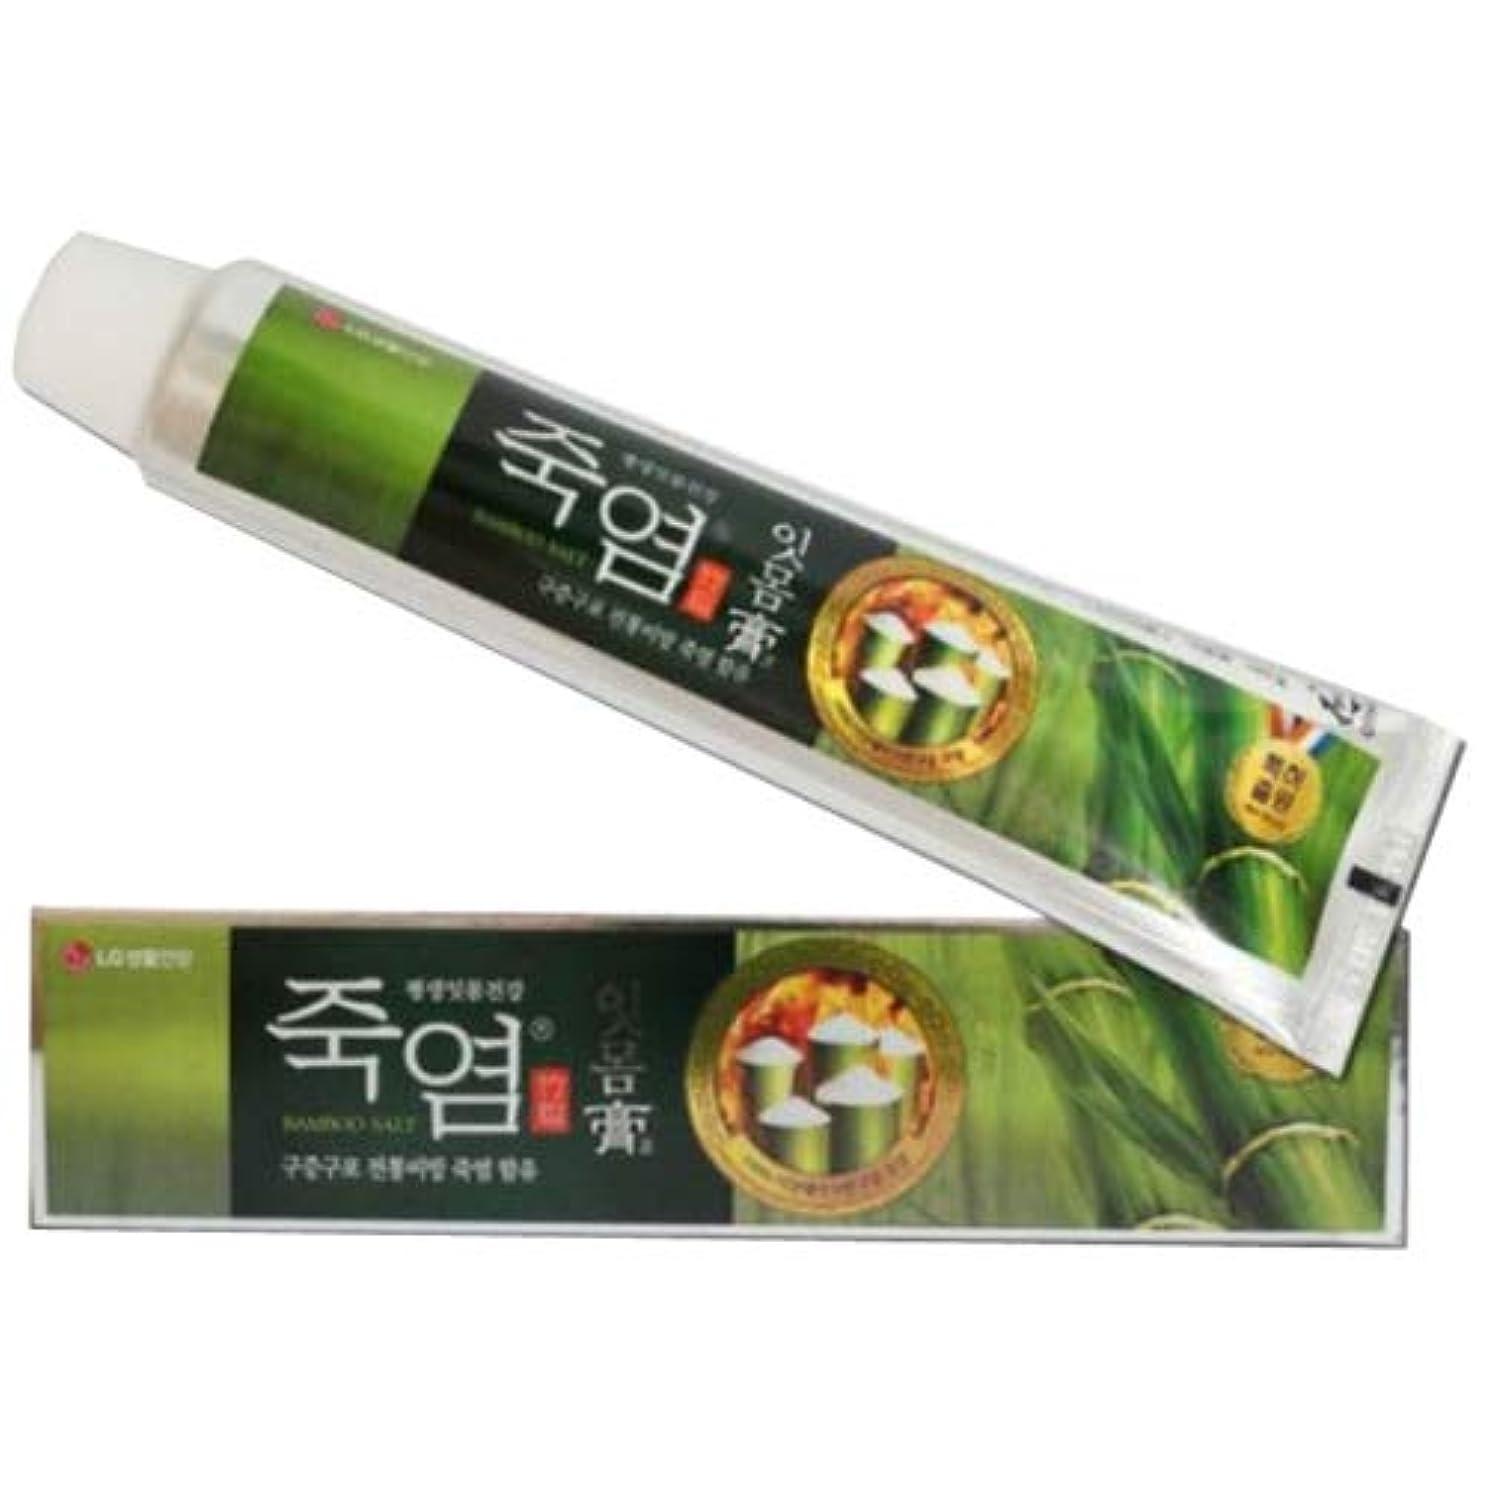 ペチュランス質量批判的LG生活健康 竹塩歯磨き粉 (歯康膏:ウンガンゴ)(120g X2個) 竹塩歯磨き粉つぶれて歯茎を健康に ウンガンゴ